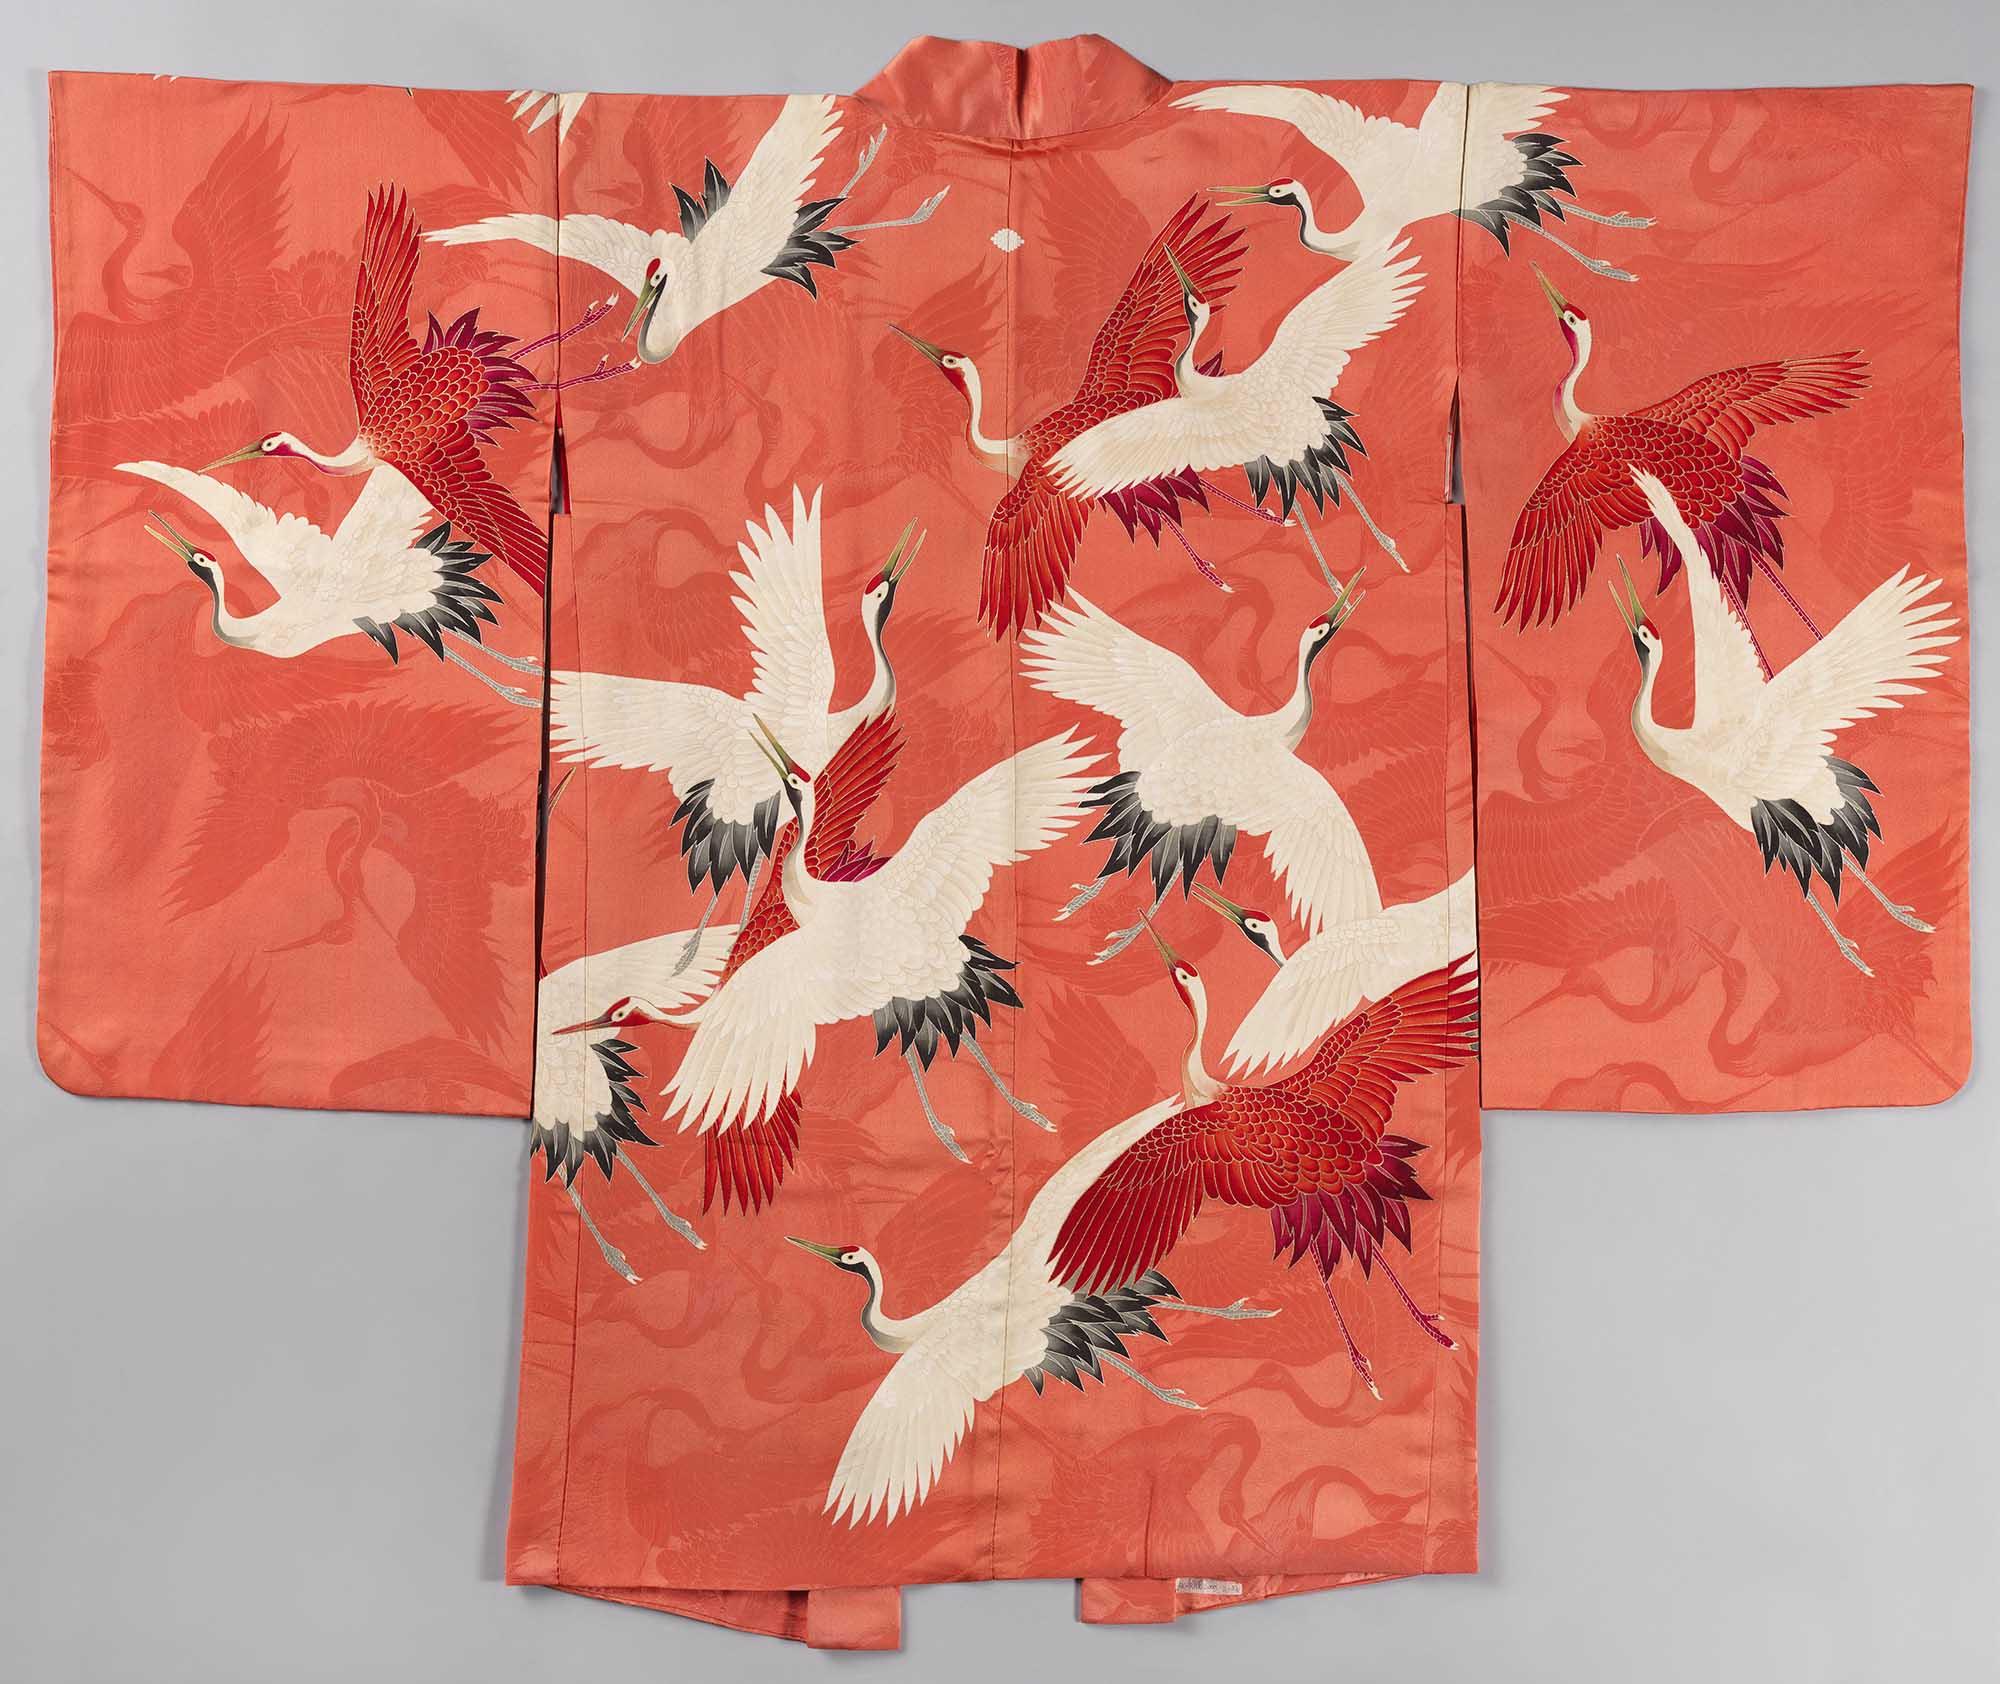 Vrouwen haori met witte en rode kraanvogels, anoniem, 1920 - 1940